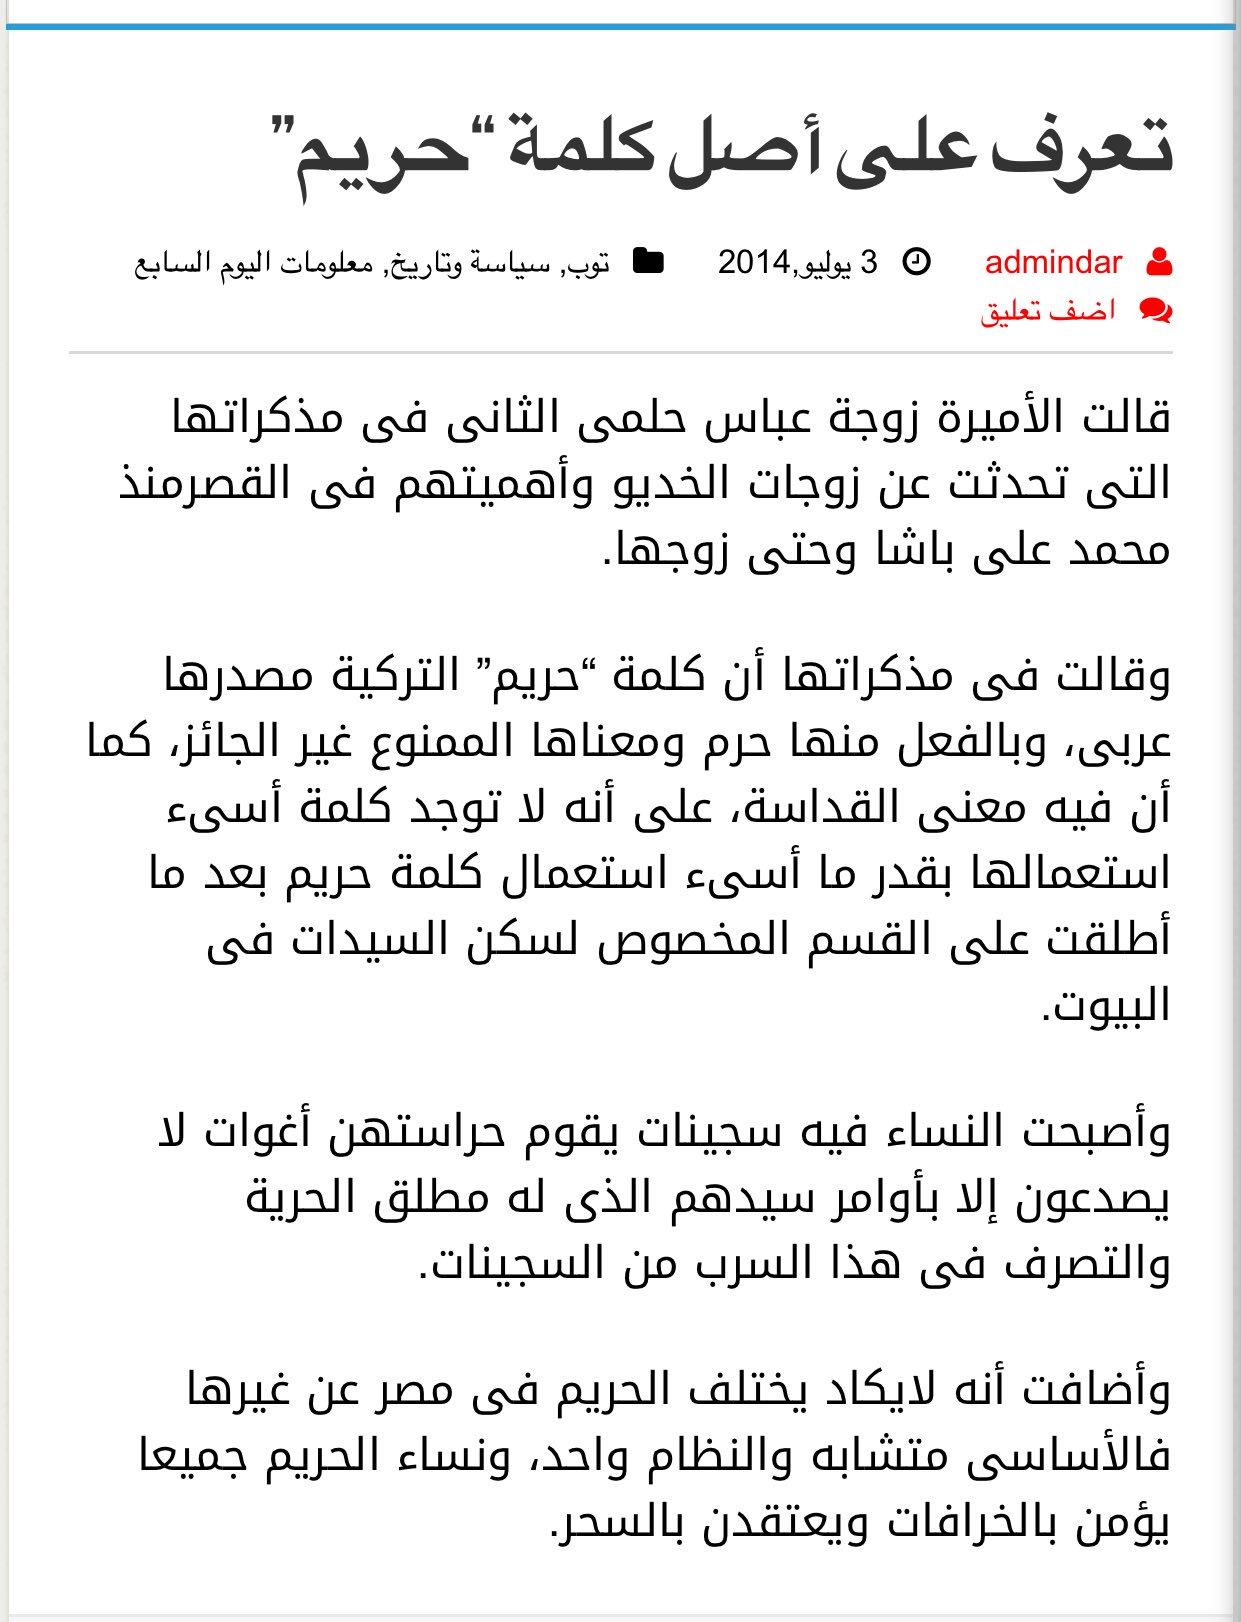 ديما علم فراج בטוויטר نعم لكن استخدامه للمرأة فعل عثماني